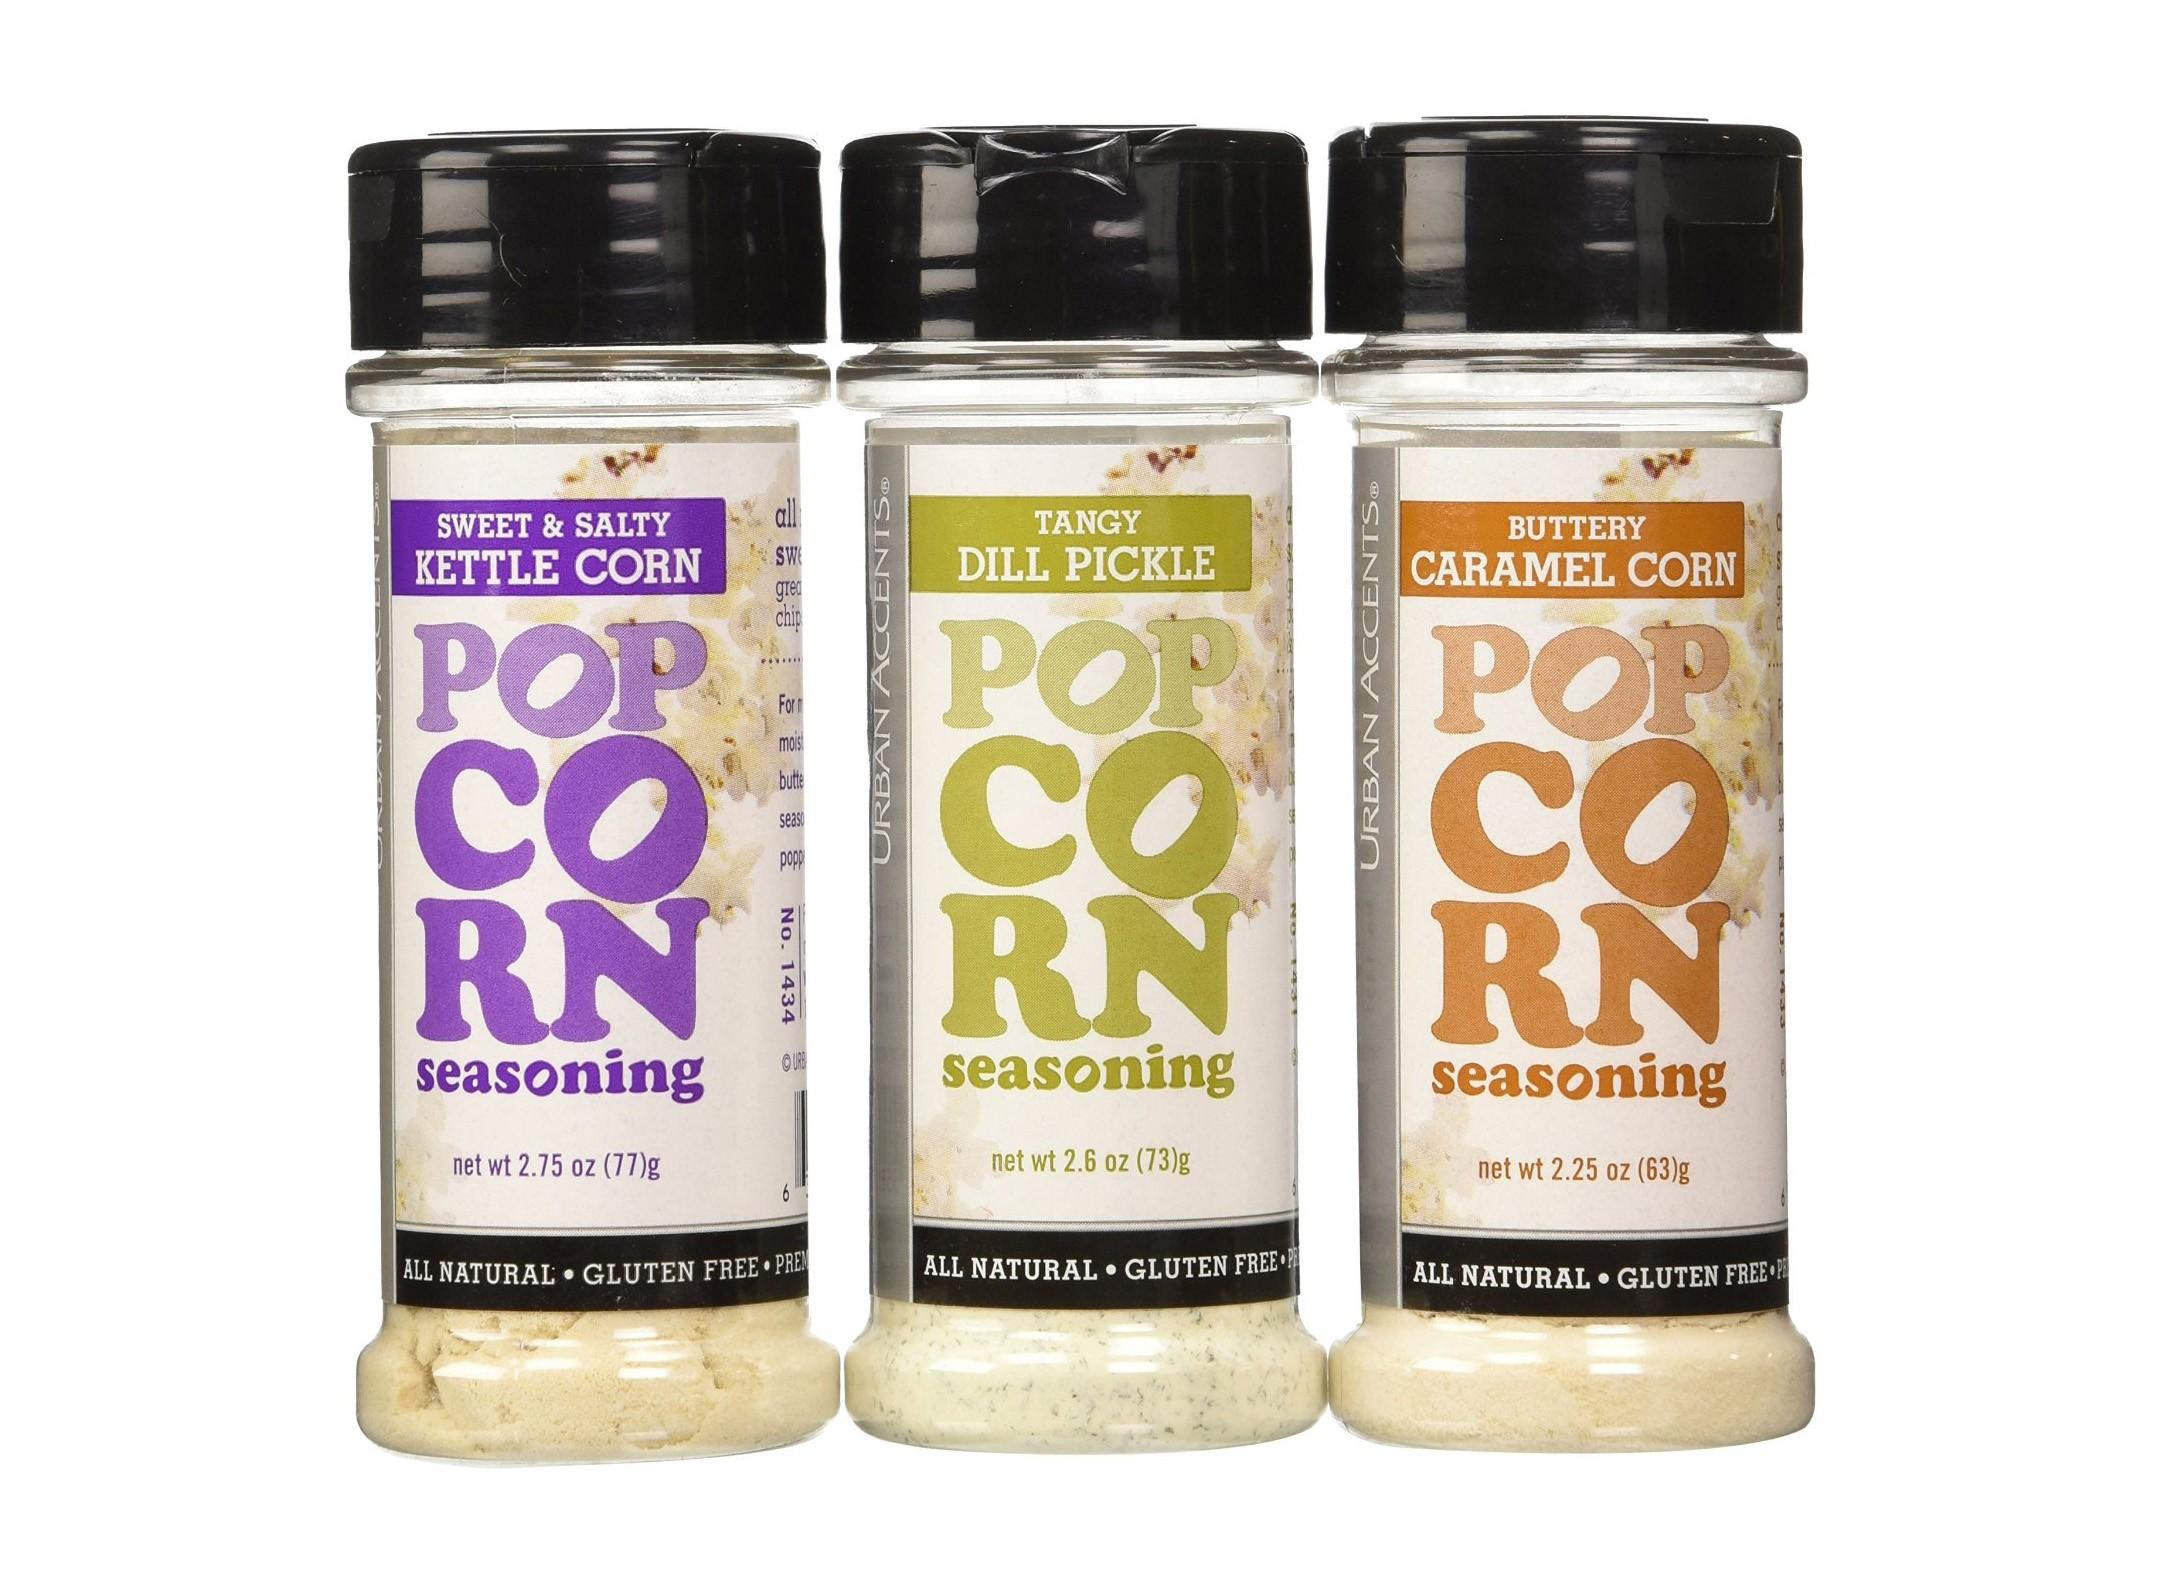 Sweet & Salty Kettle Corn Popcorn Seasoning